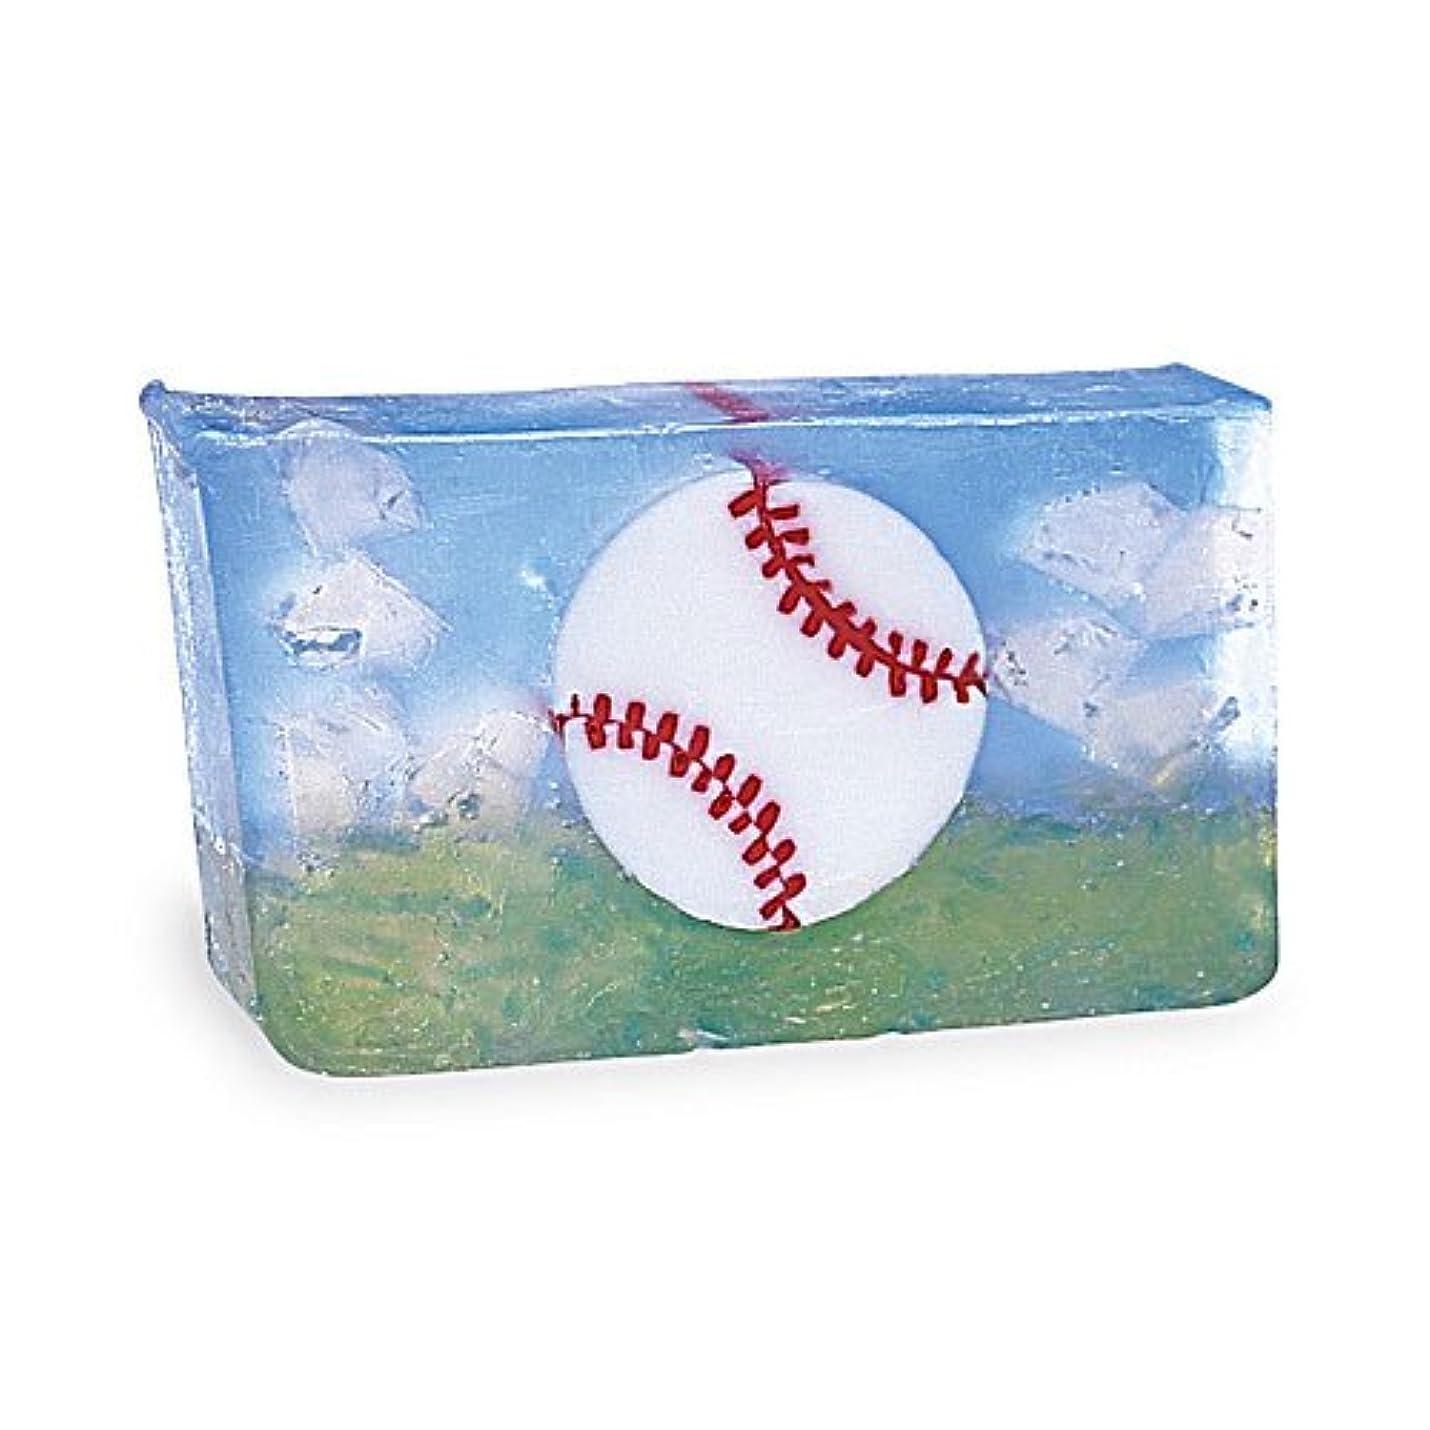 注入毎月出費プライモールエレメンツ アロマティック ソープ ベースボール 180g 植物性 ナチュラル 石鹸 無添加